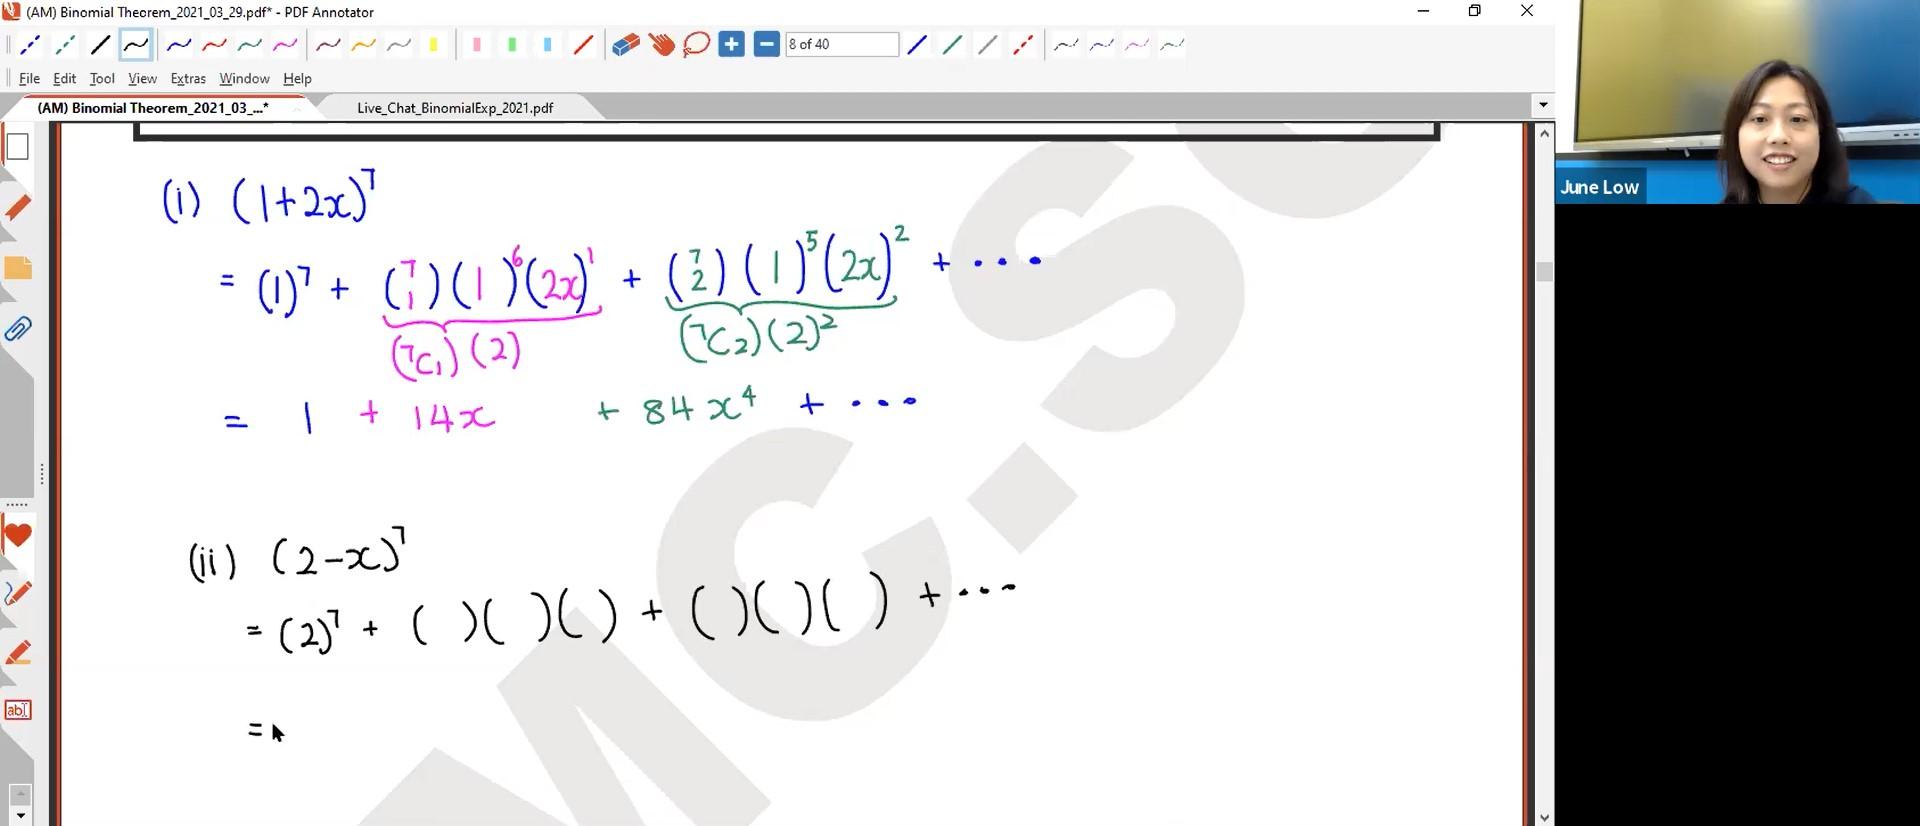 27. (AM) Binomial Part 1